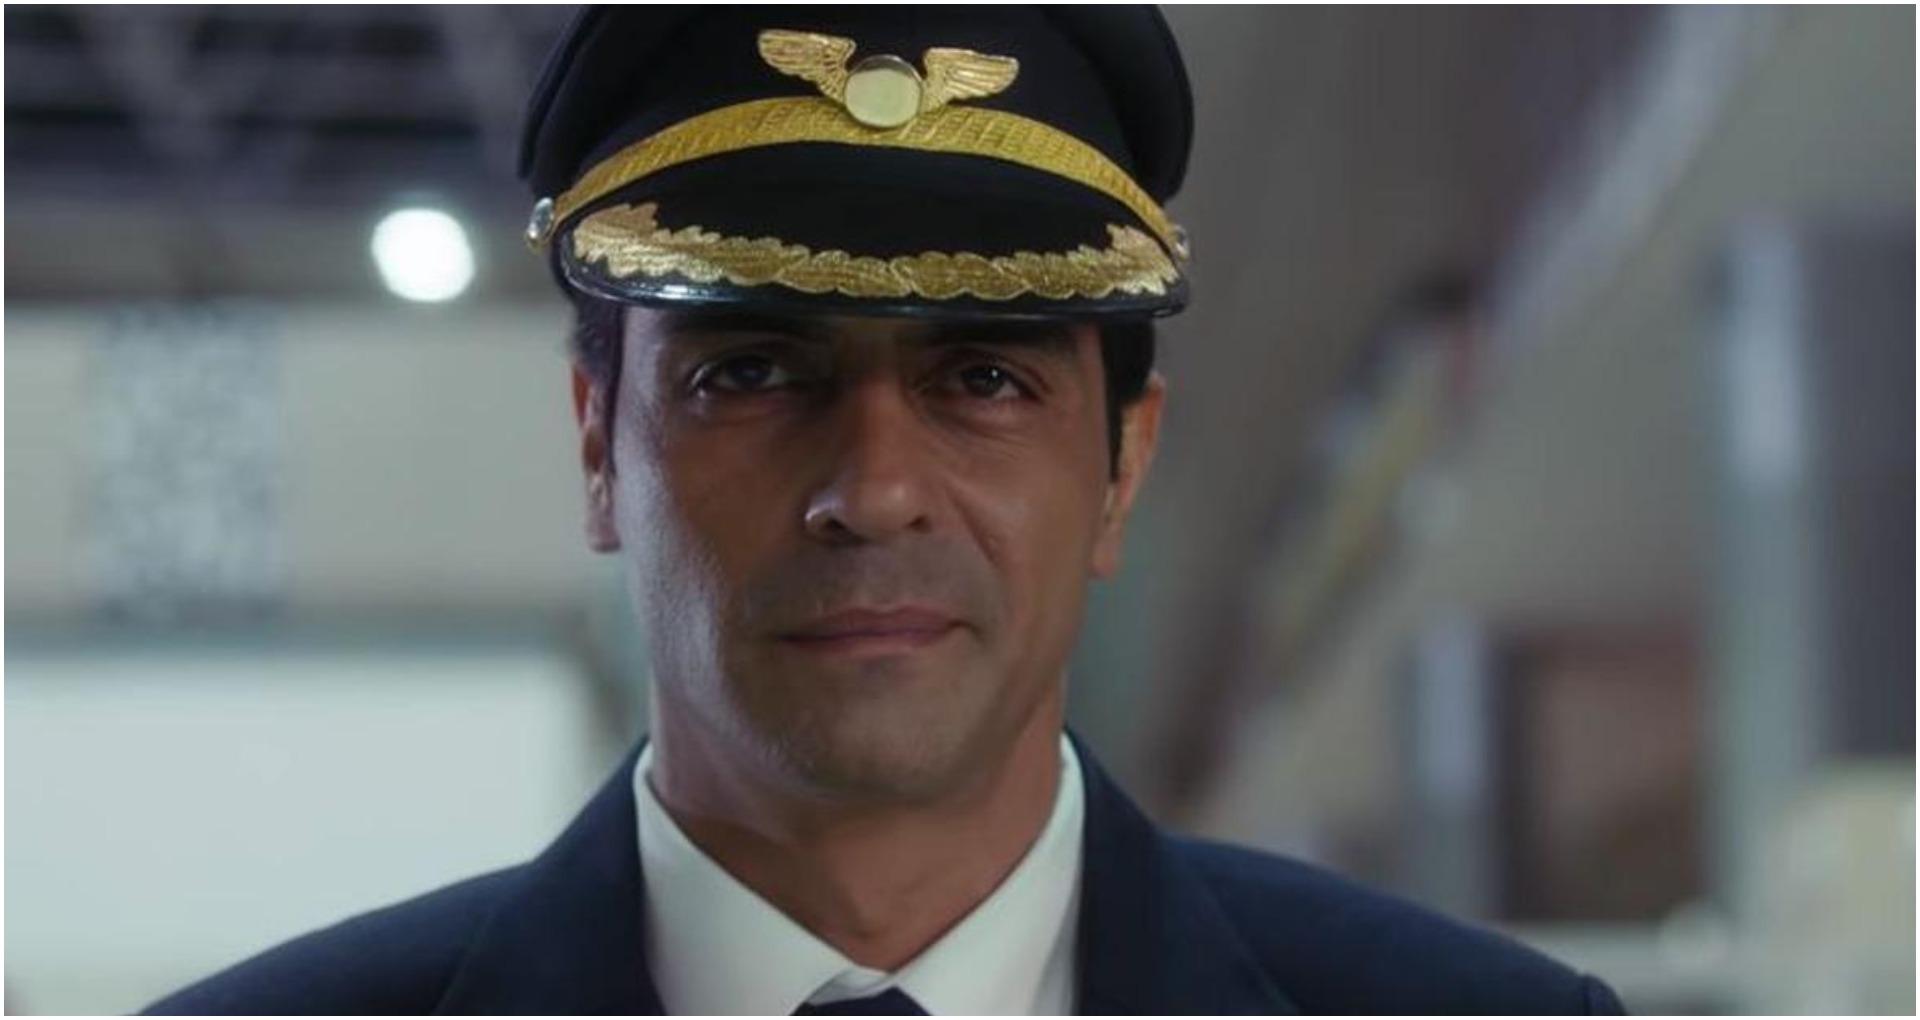 अर्जुन रामपाल की वेब सीरीज 'द फ़ाइनल कॉल' का टीजर रिलीज हुआ, पहली बार सनकी पायलेट का किरदार पर्दे पर